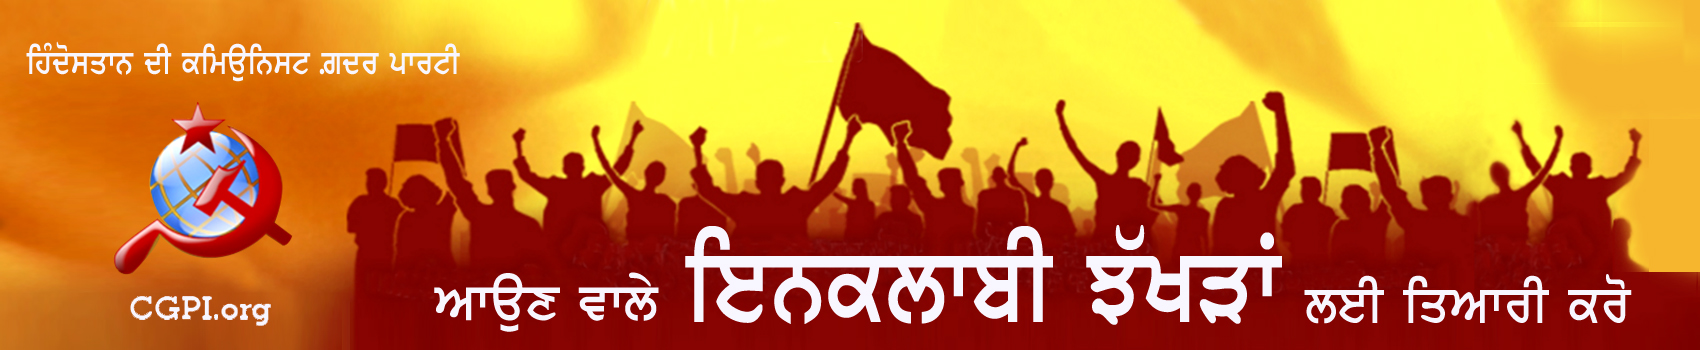 Punjabi CGPI